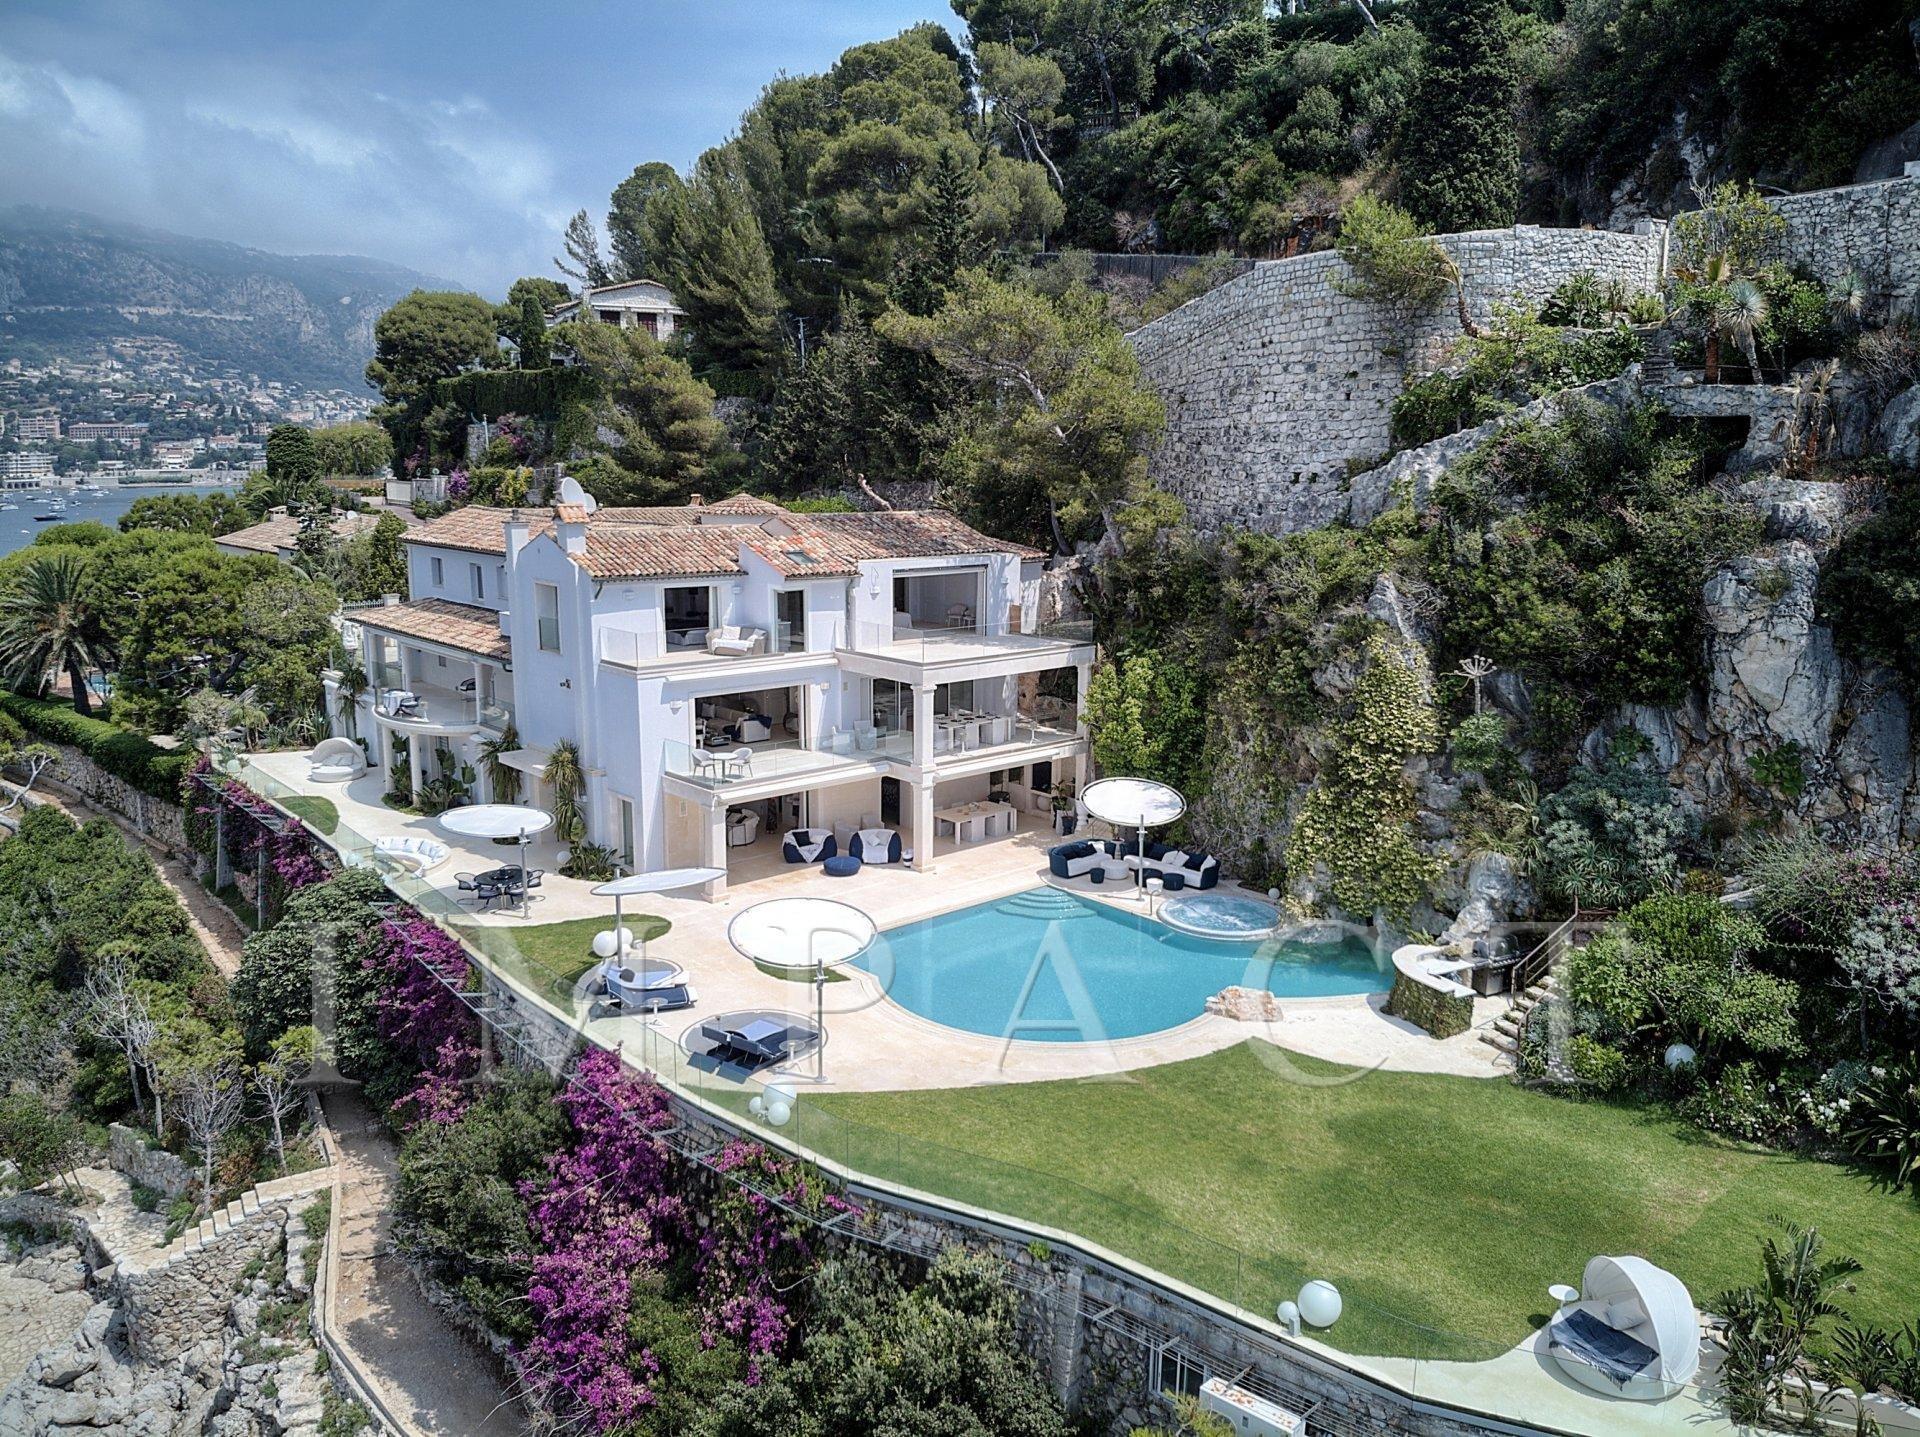 Villa front de mer à louer, accès direct à la mer - Saint Jean Cap Ferrat